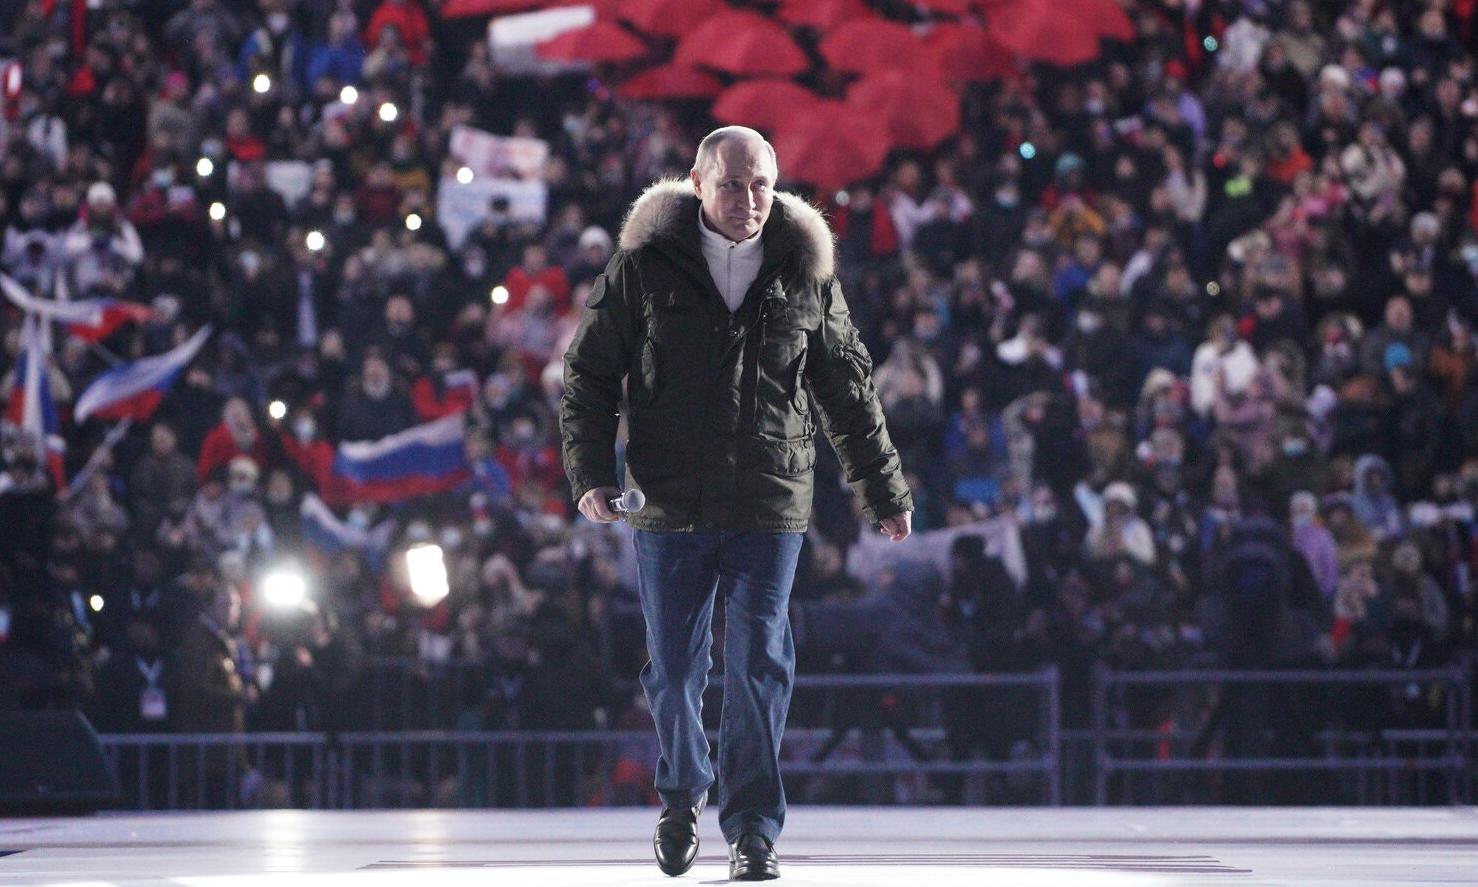 Tổng thống Nga Vladimir Putin tại sự kiện kỷ niệm ngày sáp nhập bán đảo Crimea ở sân vận động Luzhniki, Moskva, hôm 18/3. Ảnh: TASS.